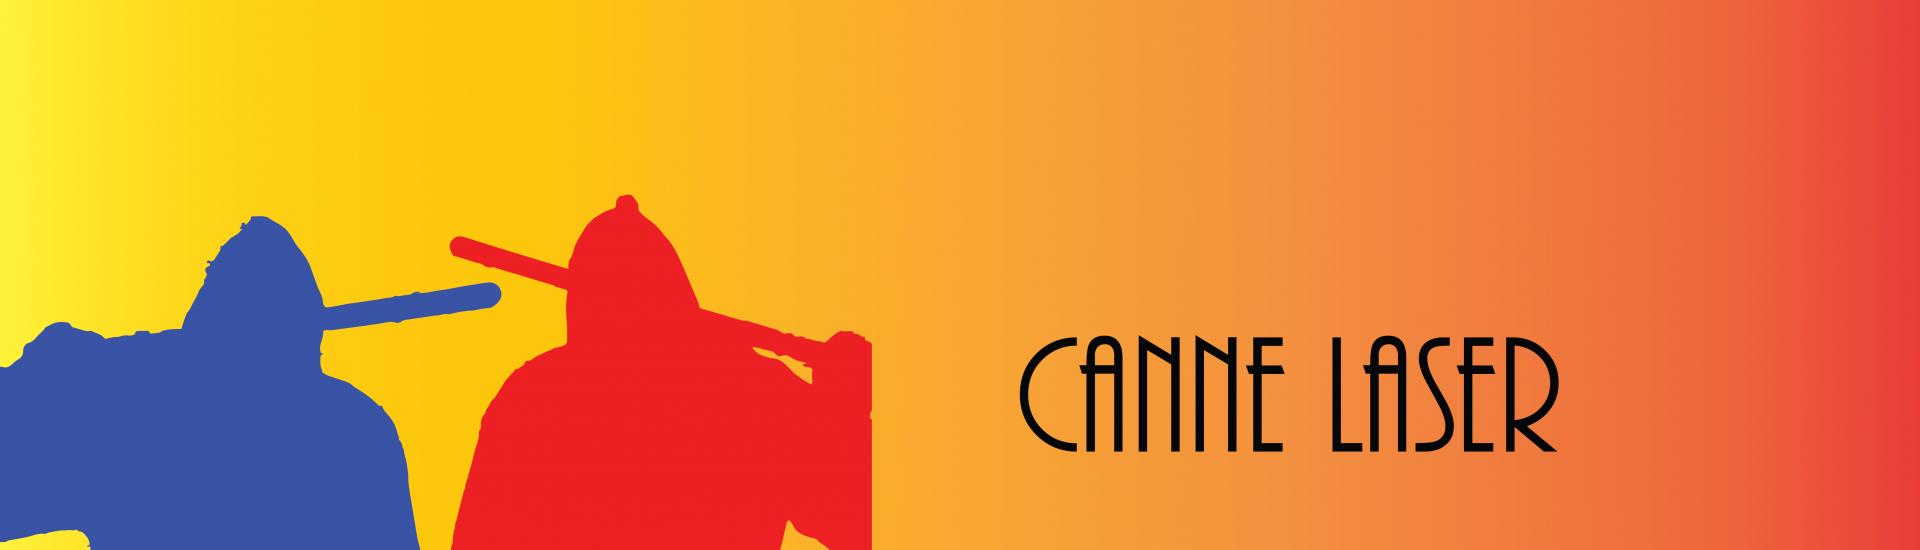 canneLaserRectangle-01